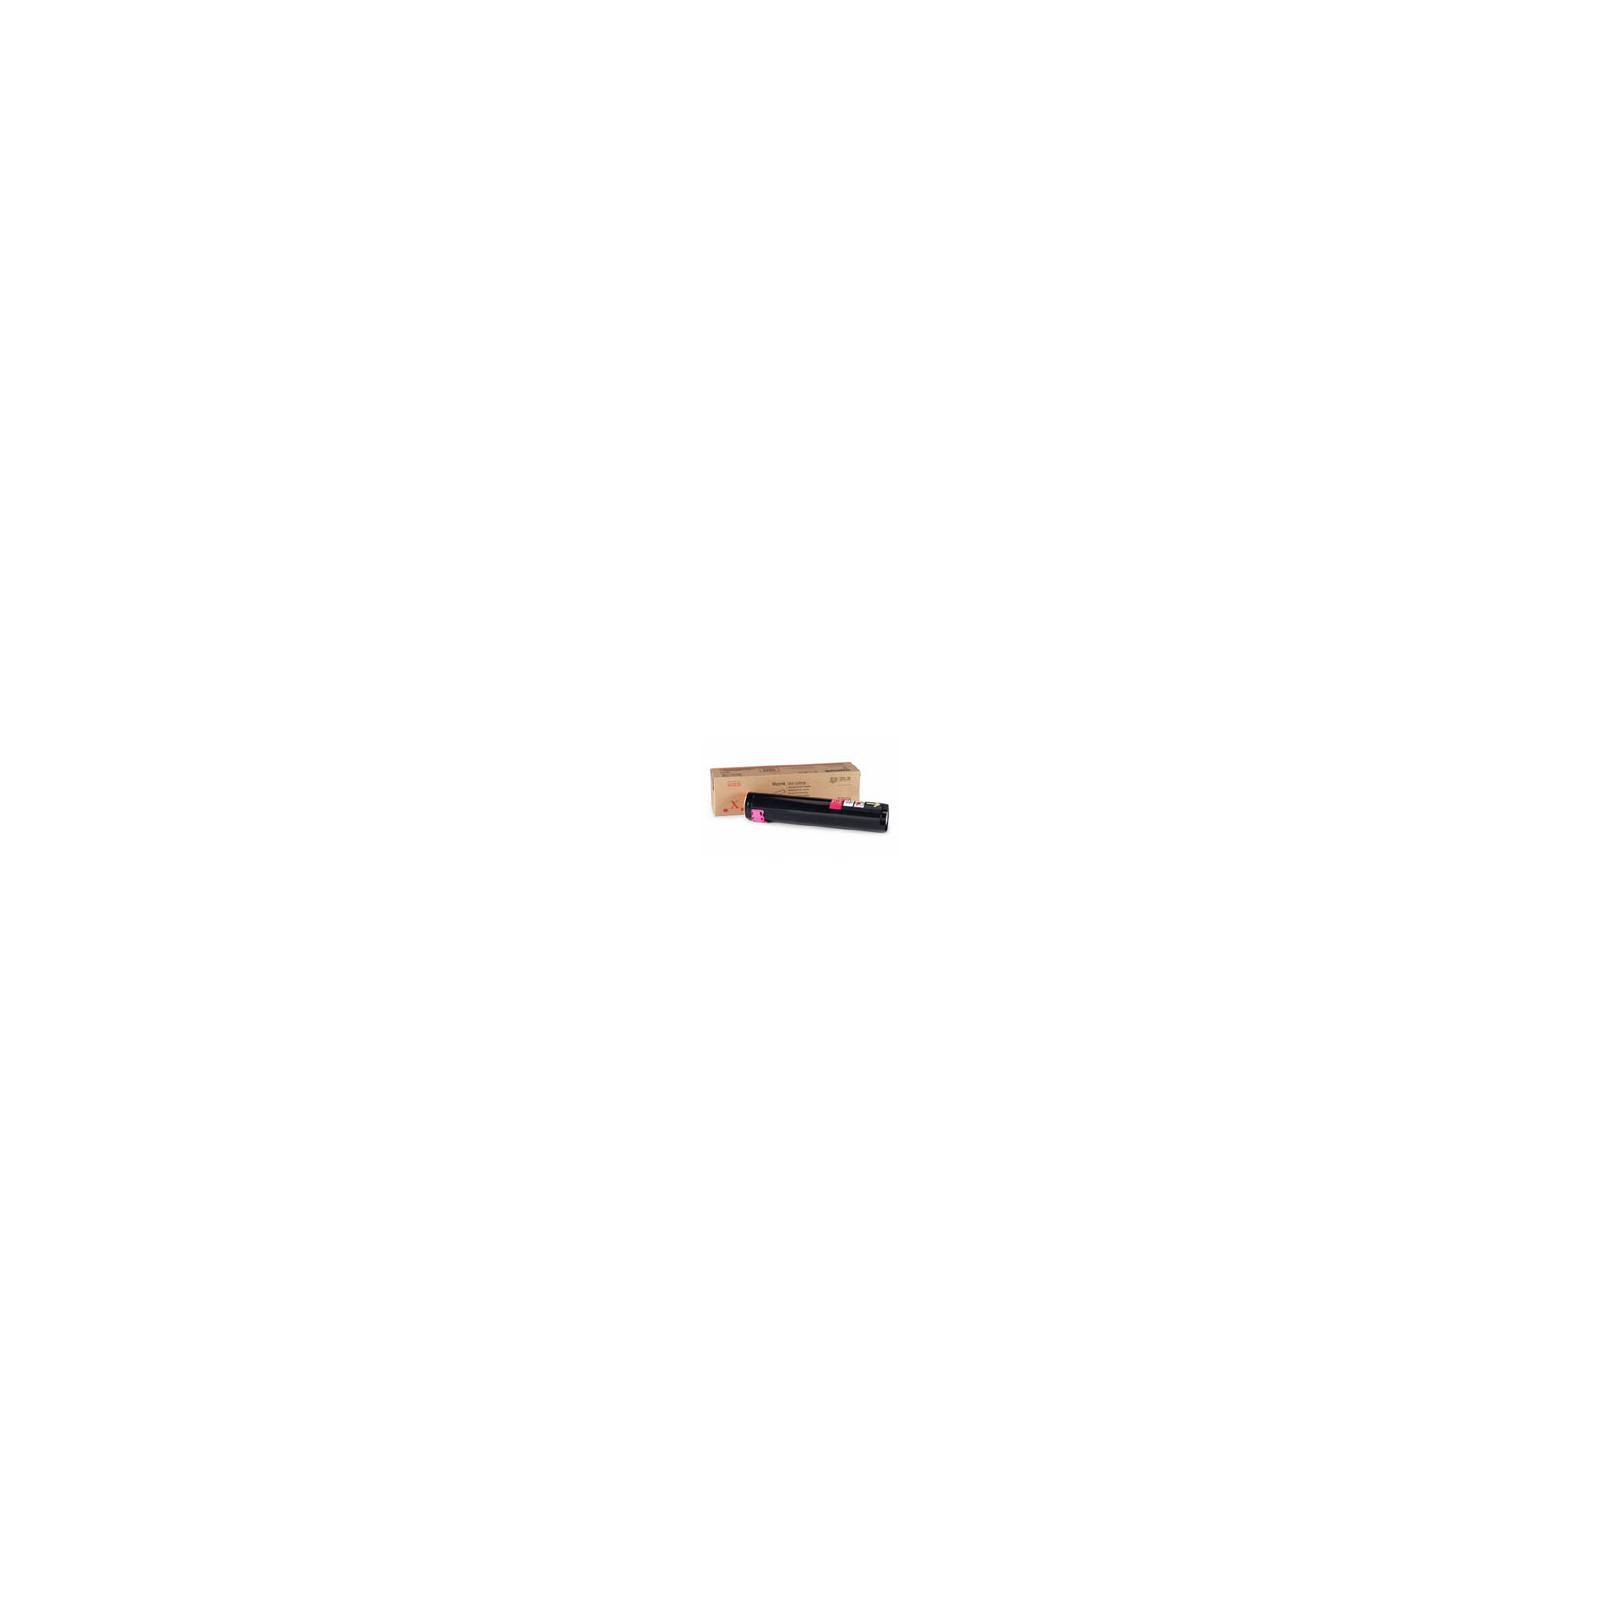 Тонер-картридж XEROX PH7750 Magenta (106R00654)